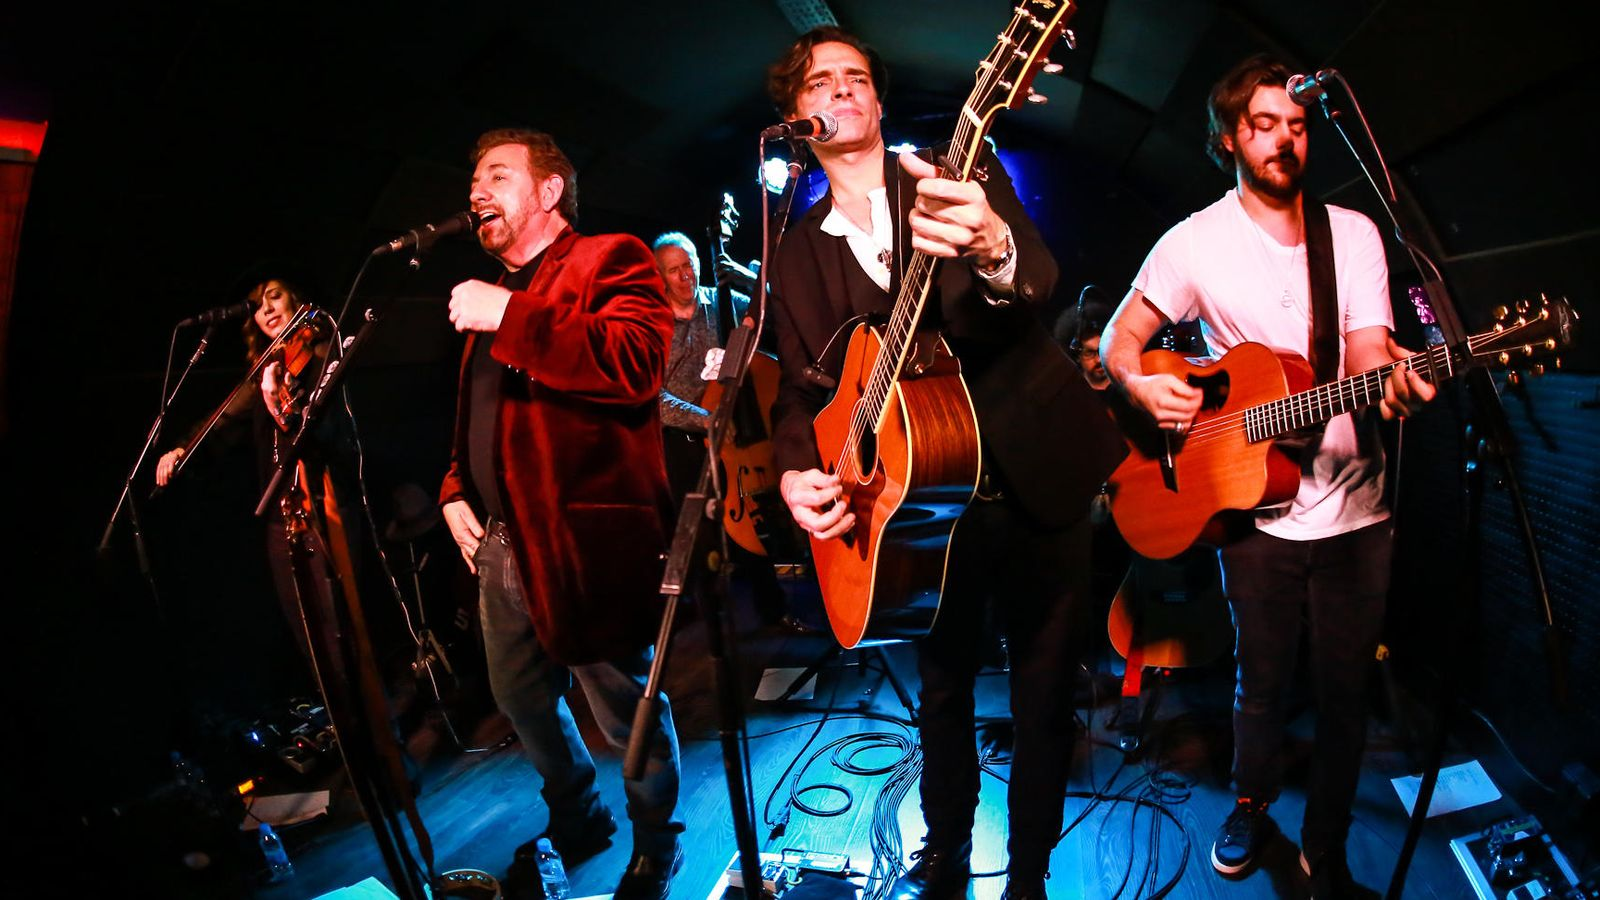 Foto: James Dolan, segundo por la izquierda, en un momento del concierto. (Foto: José Manuel Martín)